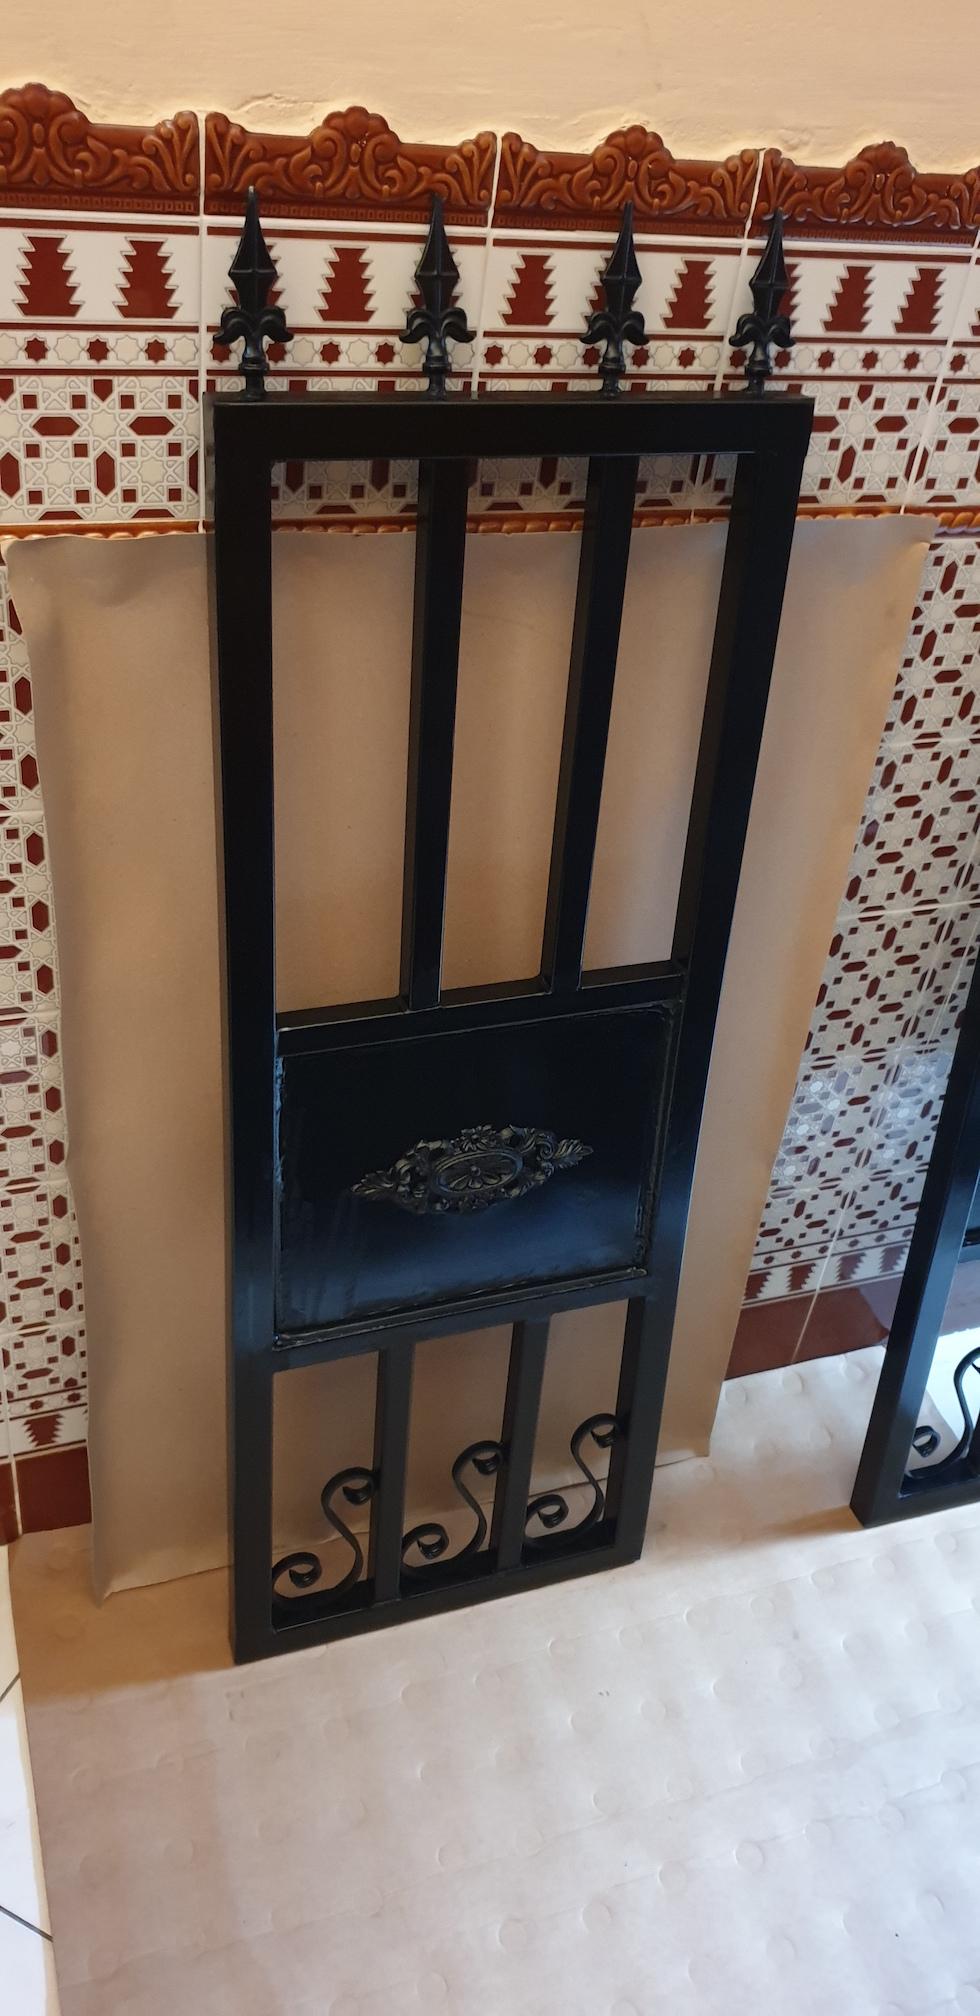 Conception et fabrication complete par client d'un portiillon  en fer forge -  Realisation a  partir de notre gamme de pieces detachees. Localisation Belgique